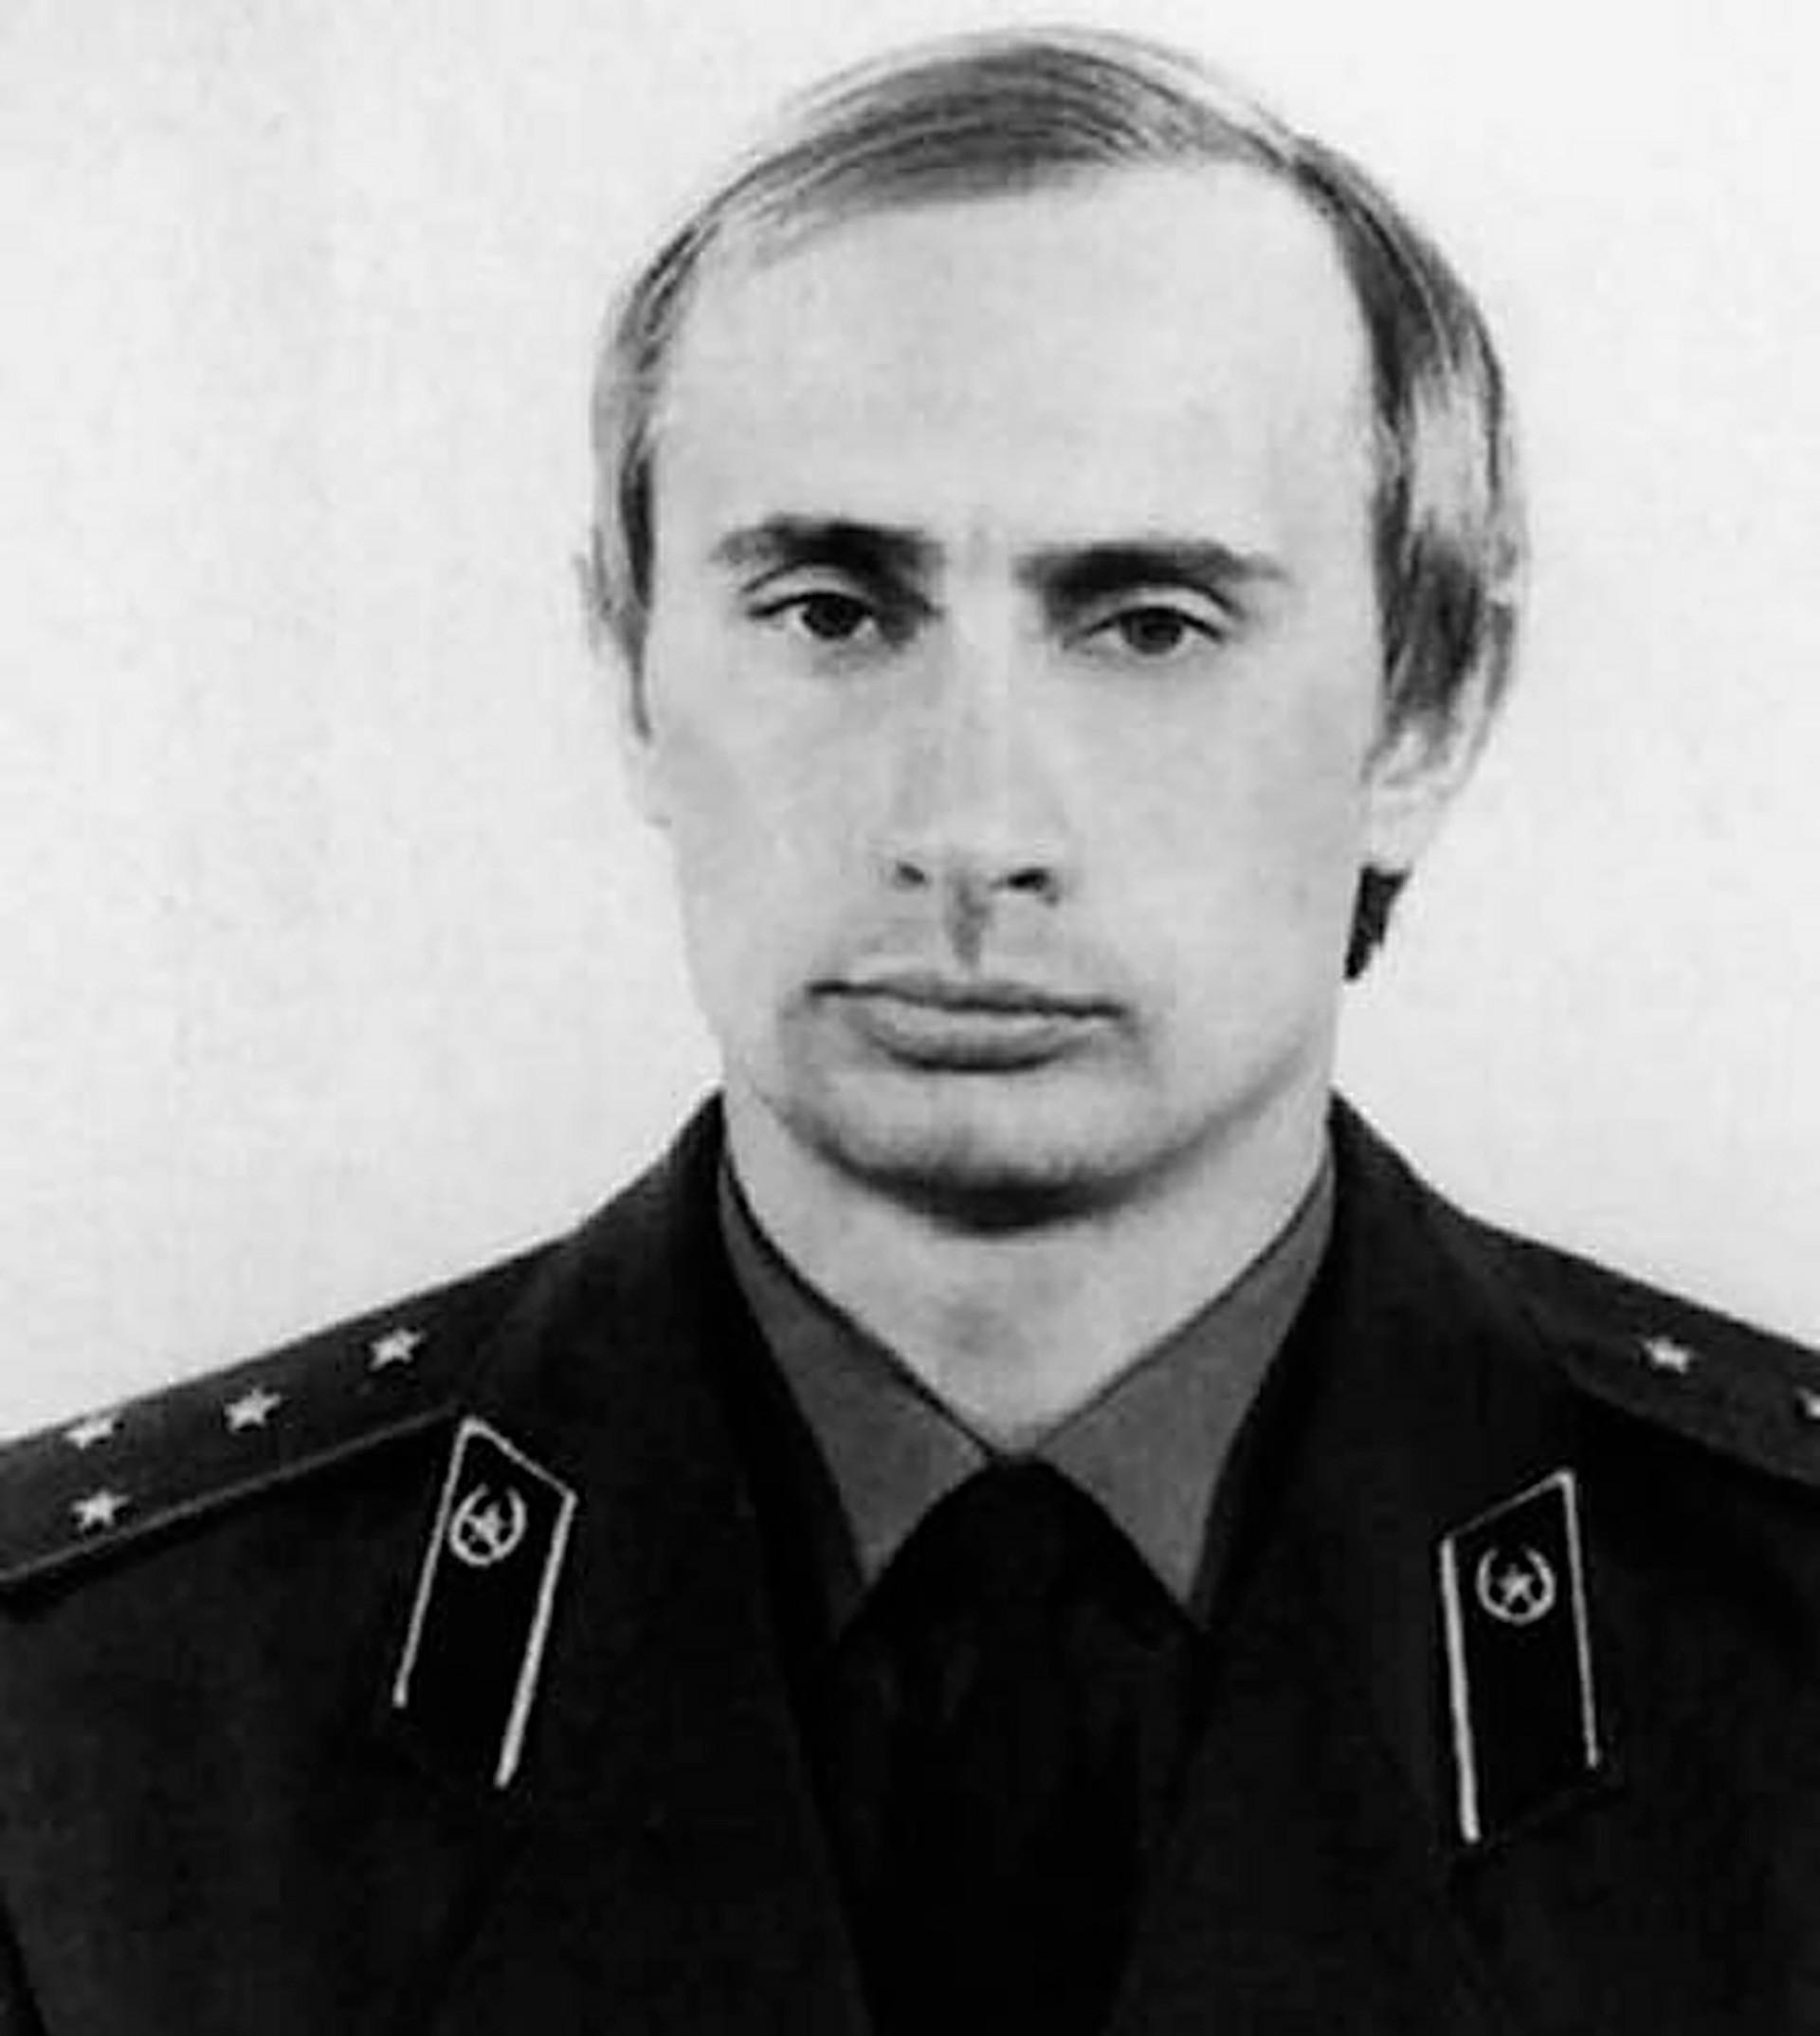 Putin dengan seragam KGB, sekitar tahun 1980.